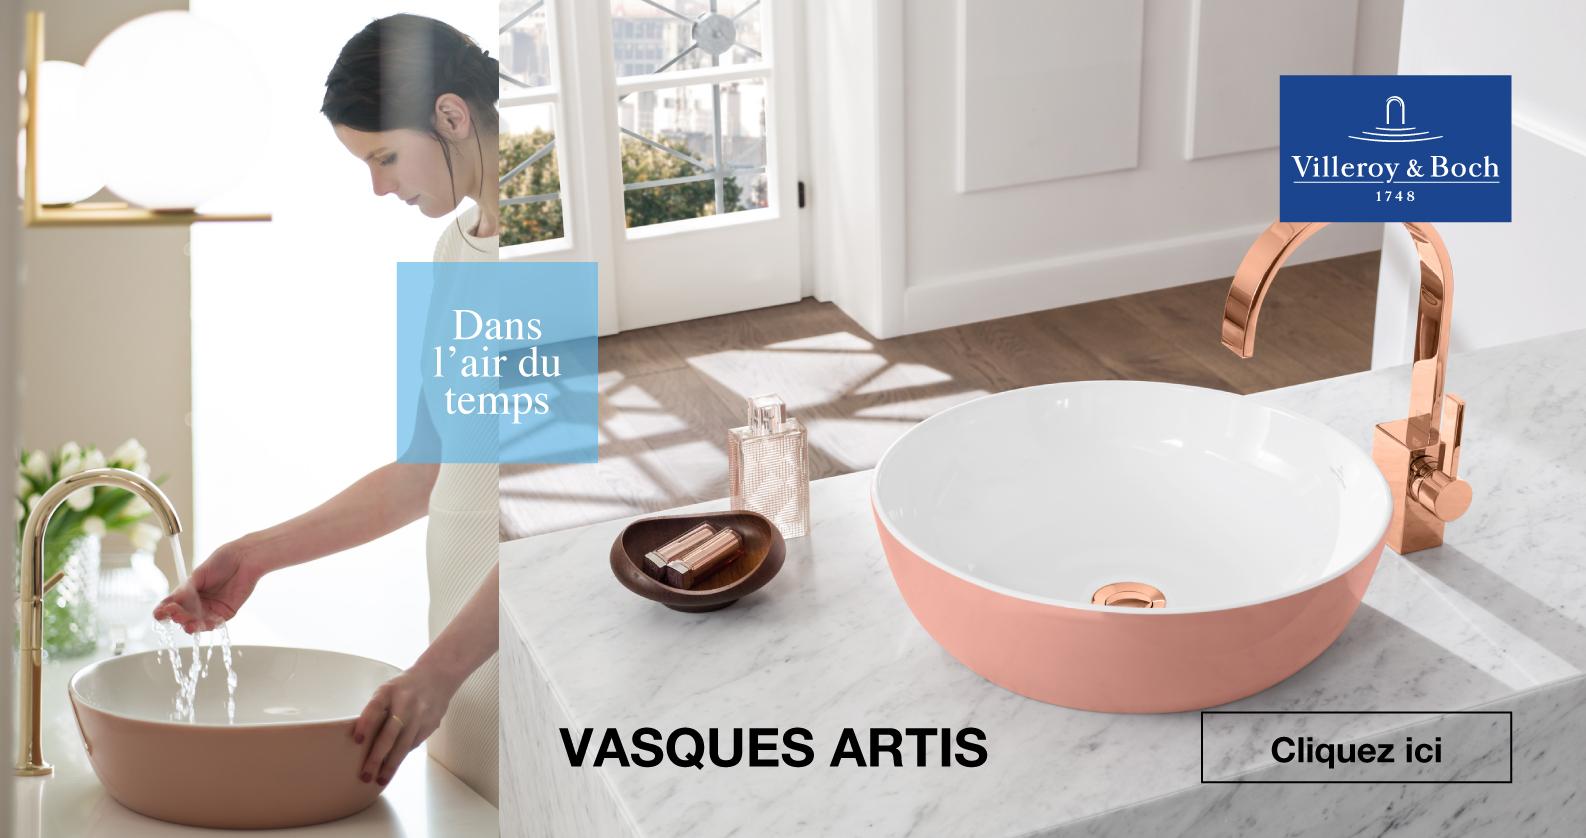 Villeroy & Boch Vasques Artis